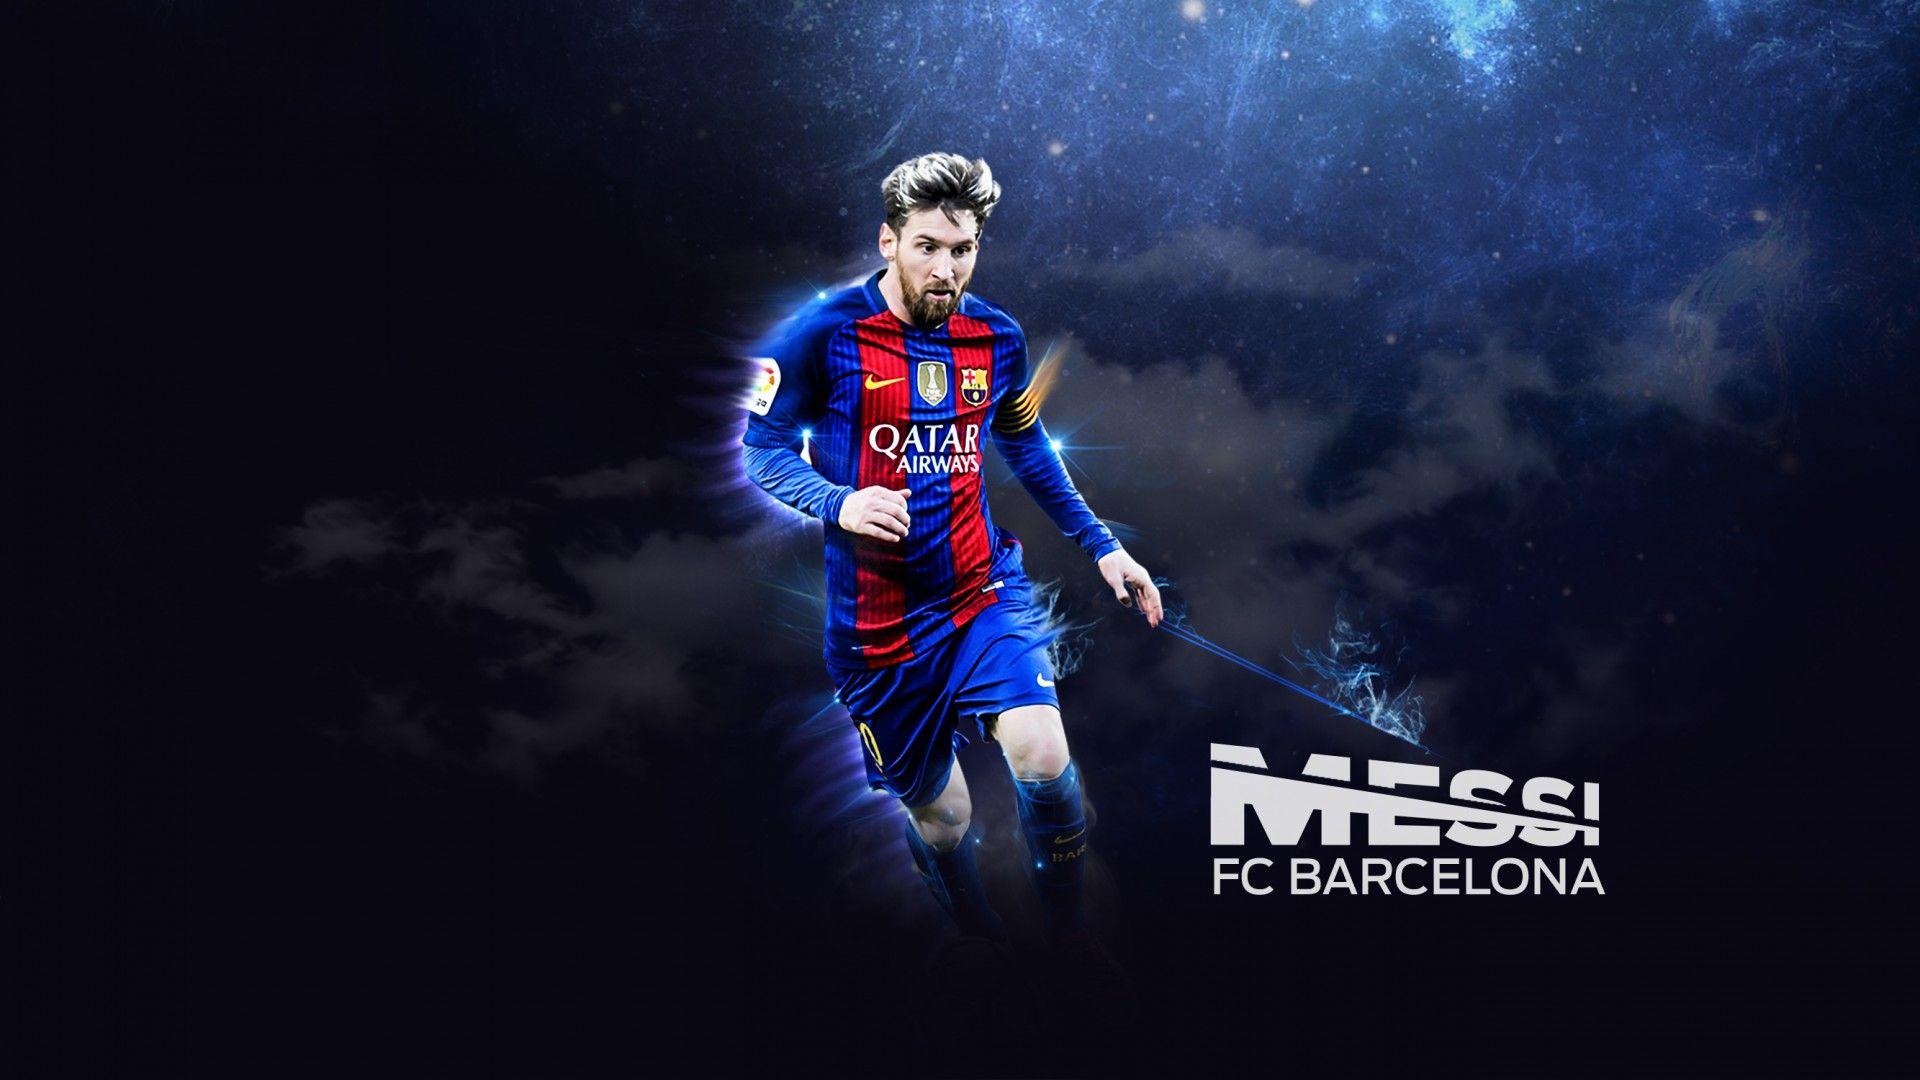 Neymar Hd Wallpapers 2016 Wallpaper Cave Manchester Barcelona